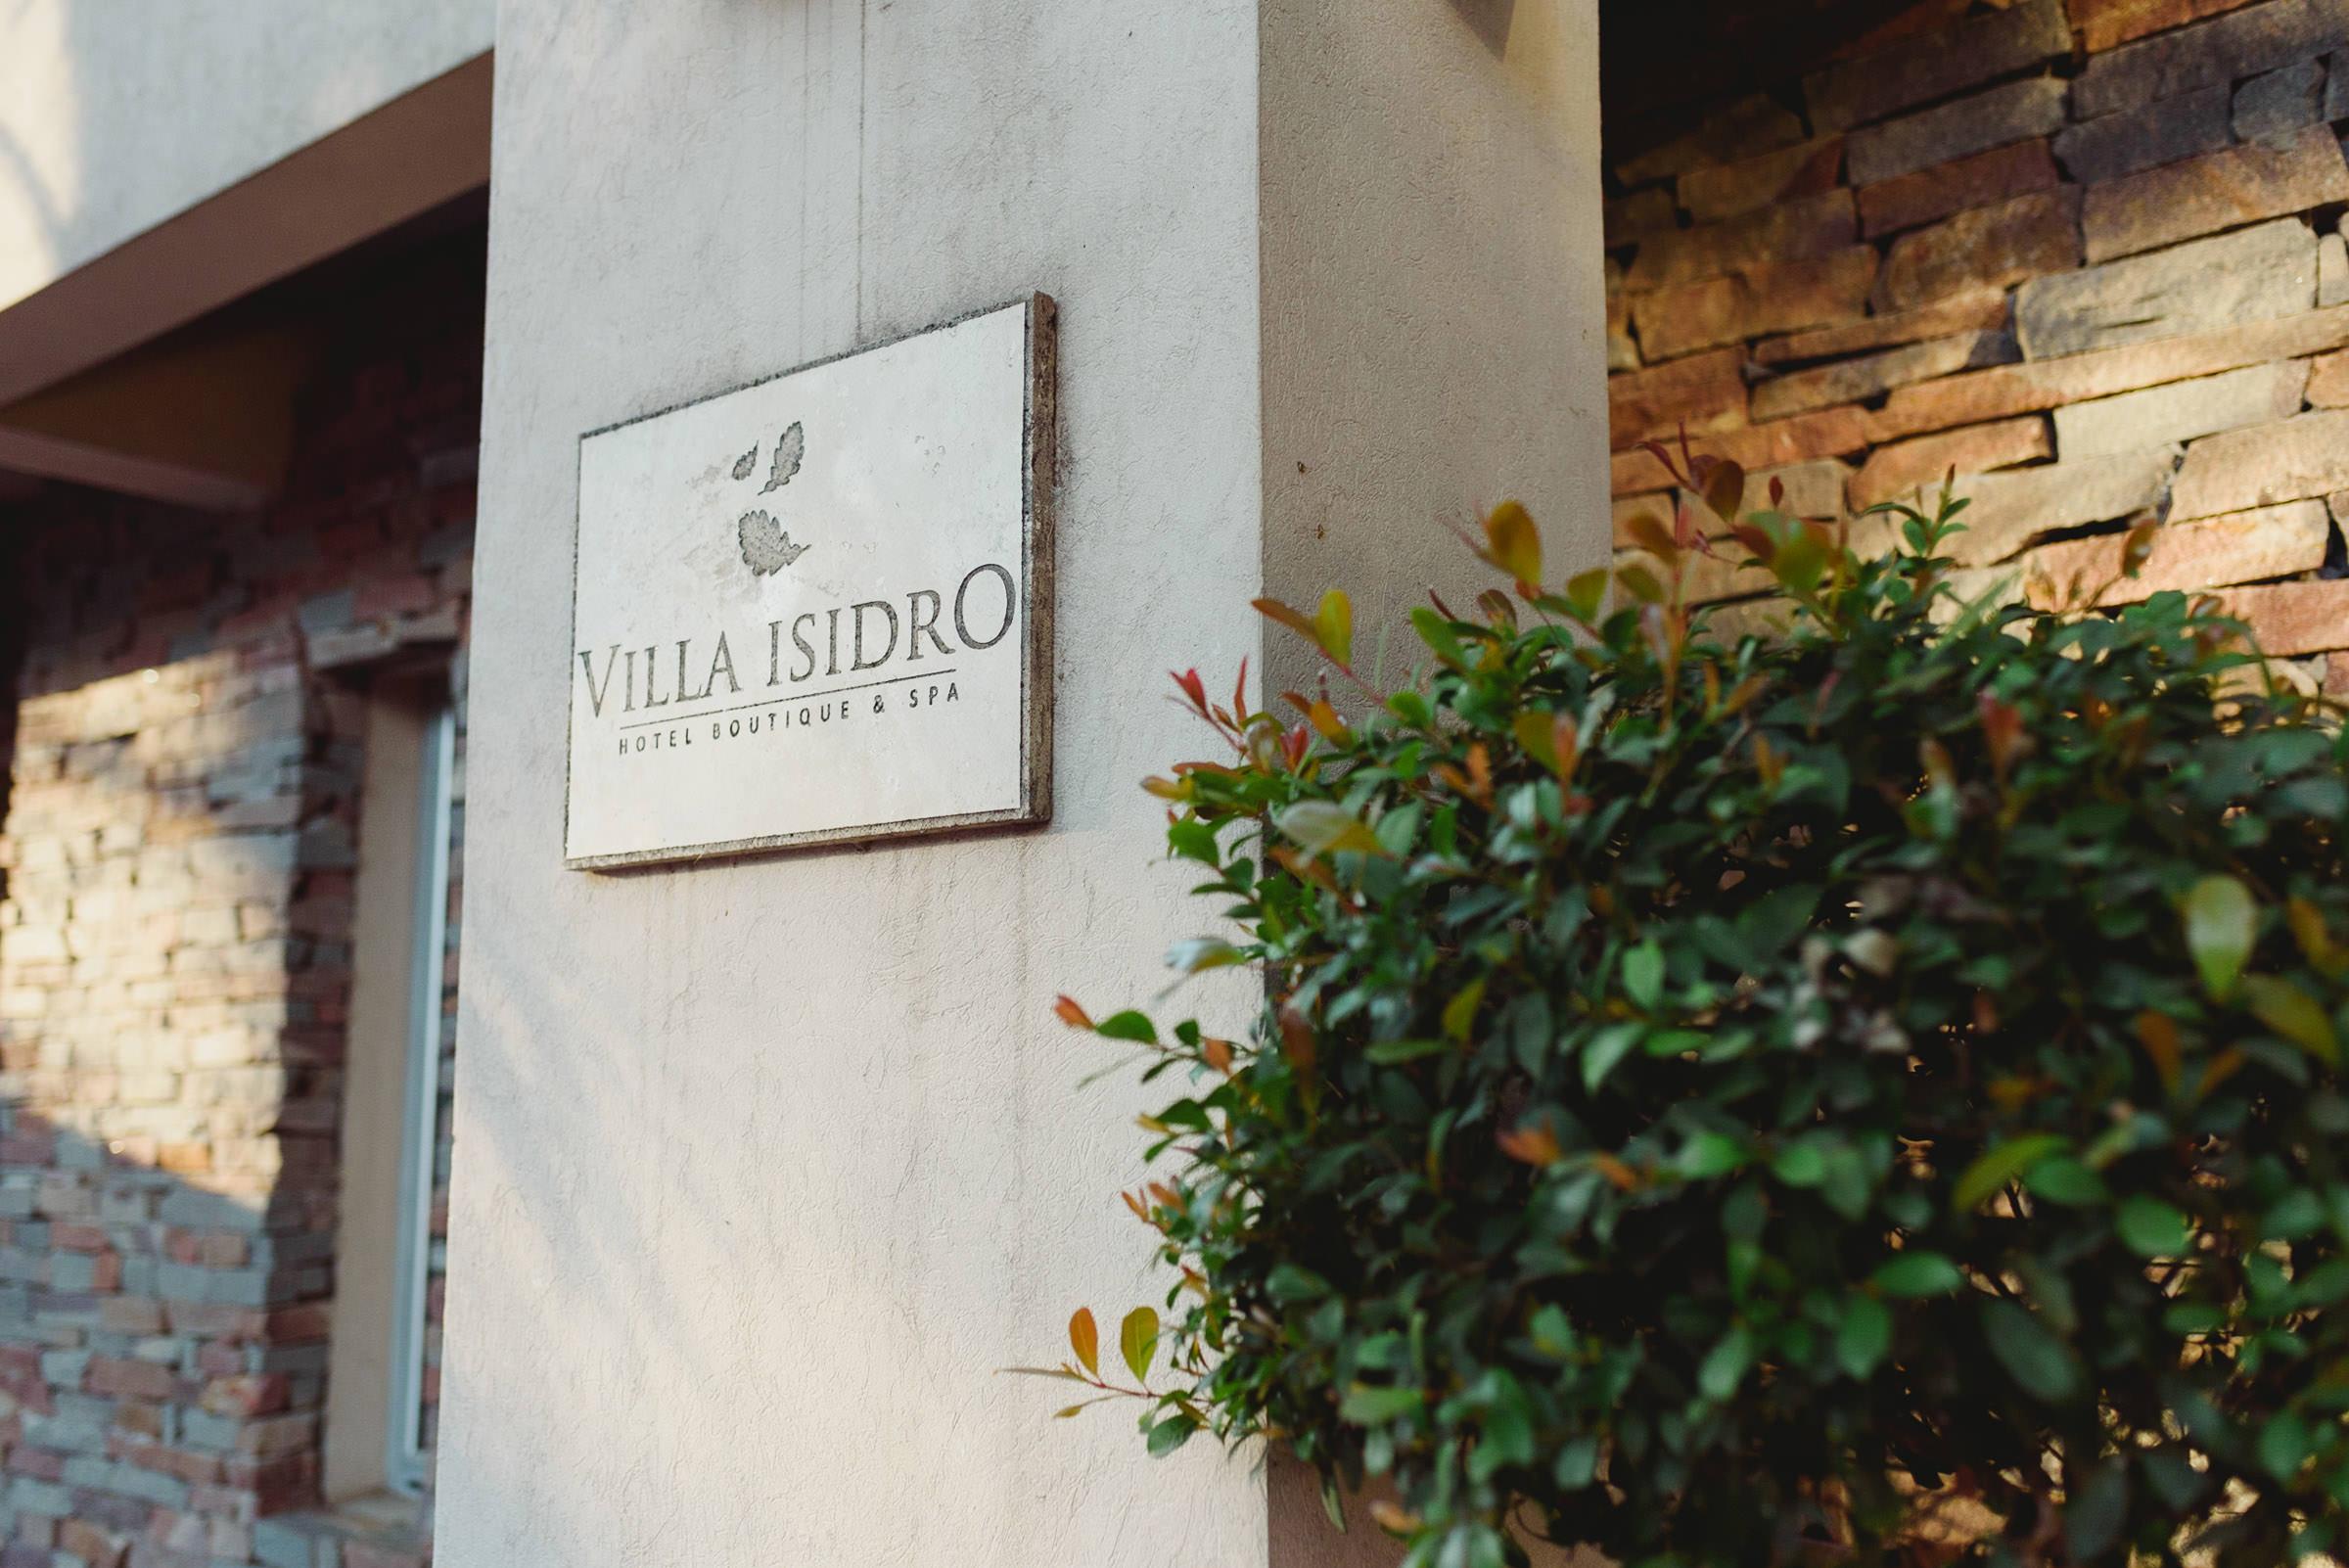 Hotel Villa isidro1.JPG